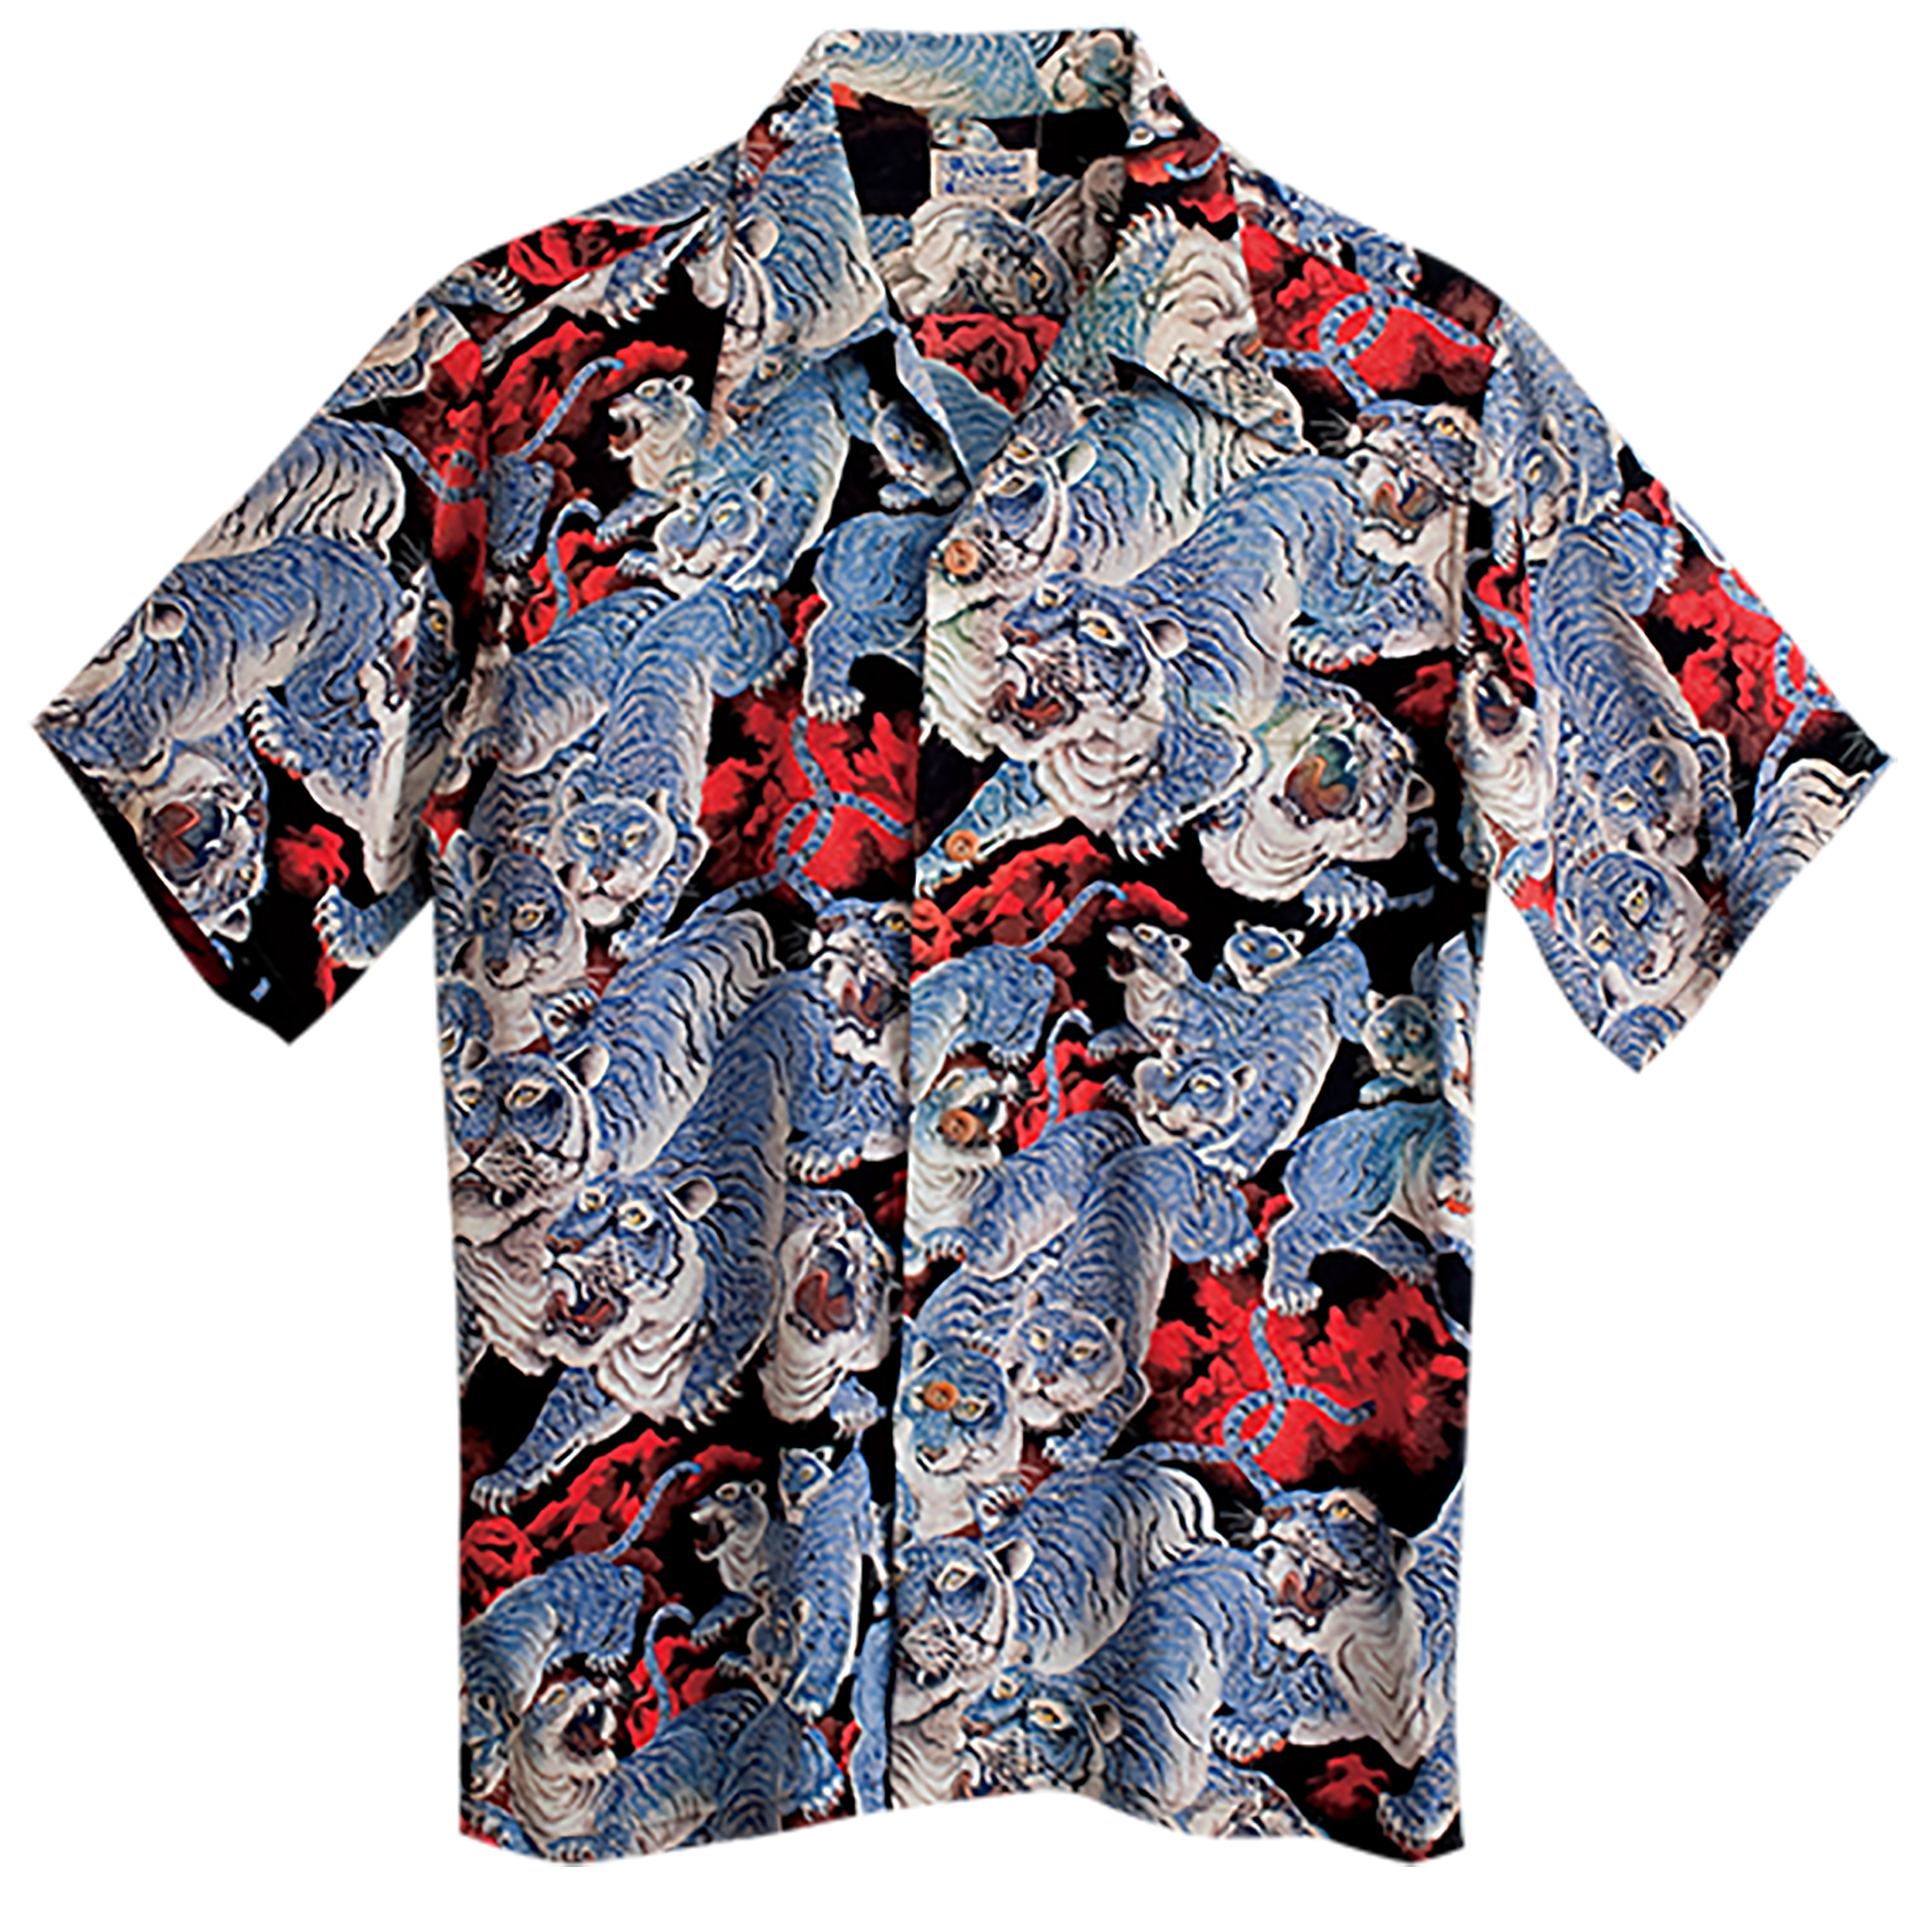 ヴィンテージアロハシャツの魅力 COLLECTION by SUN SURF